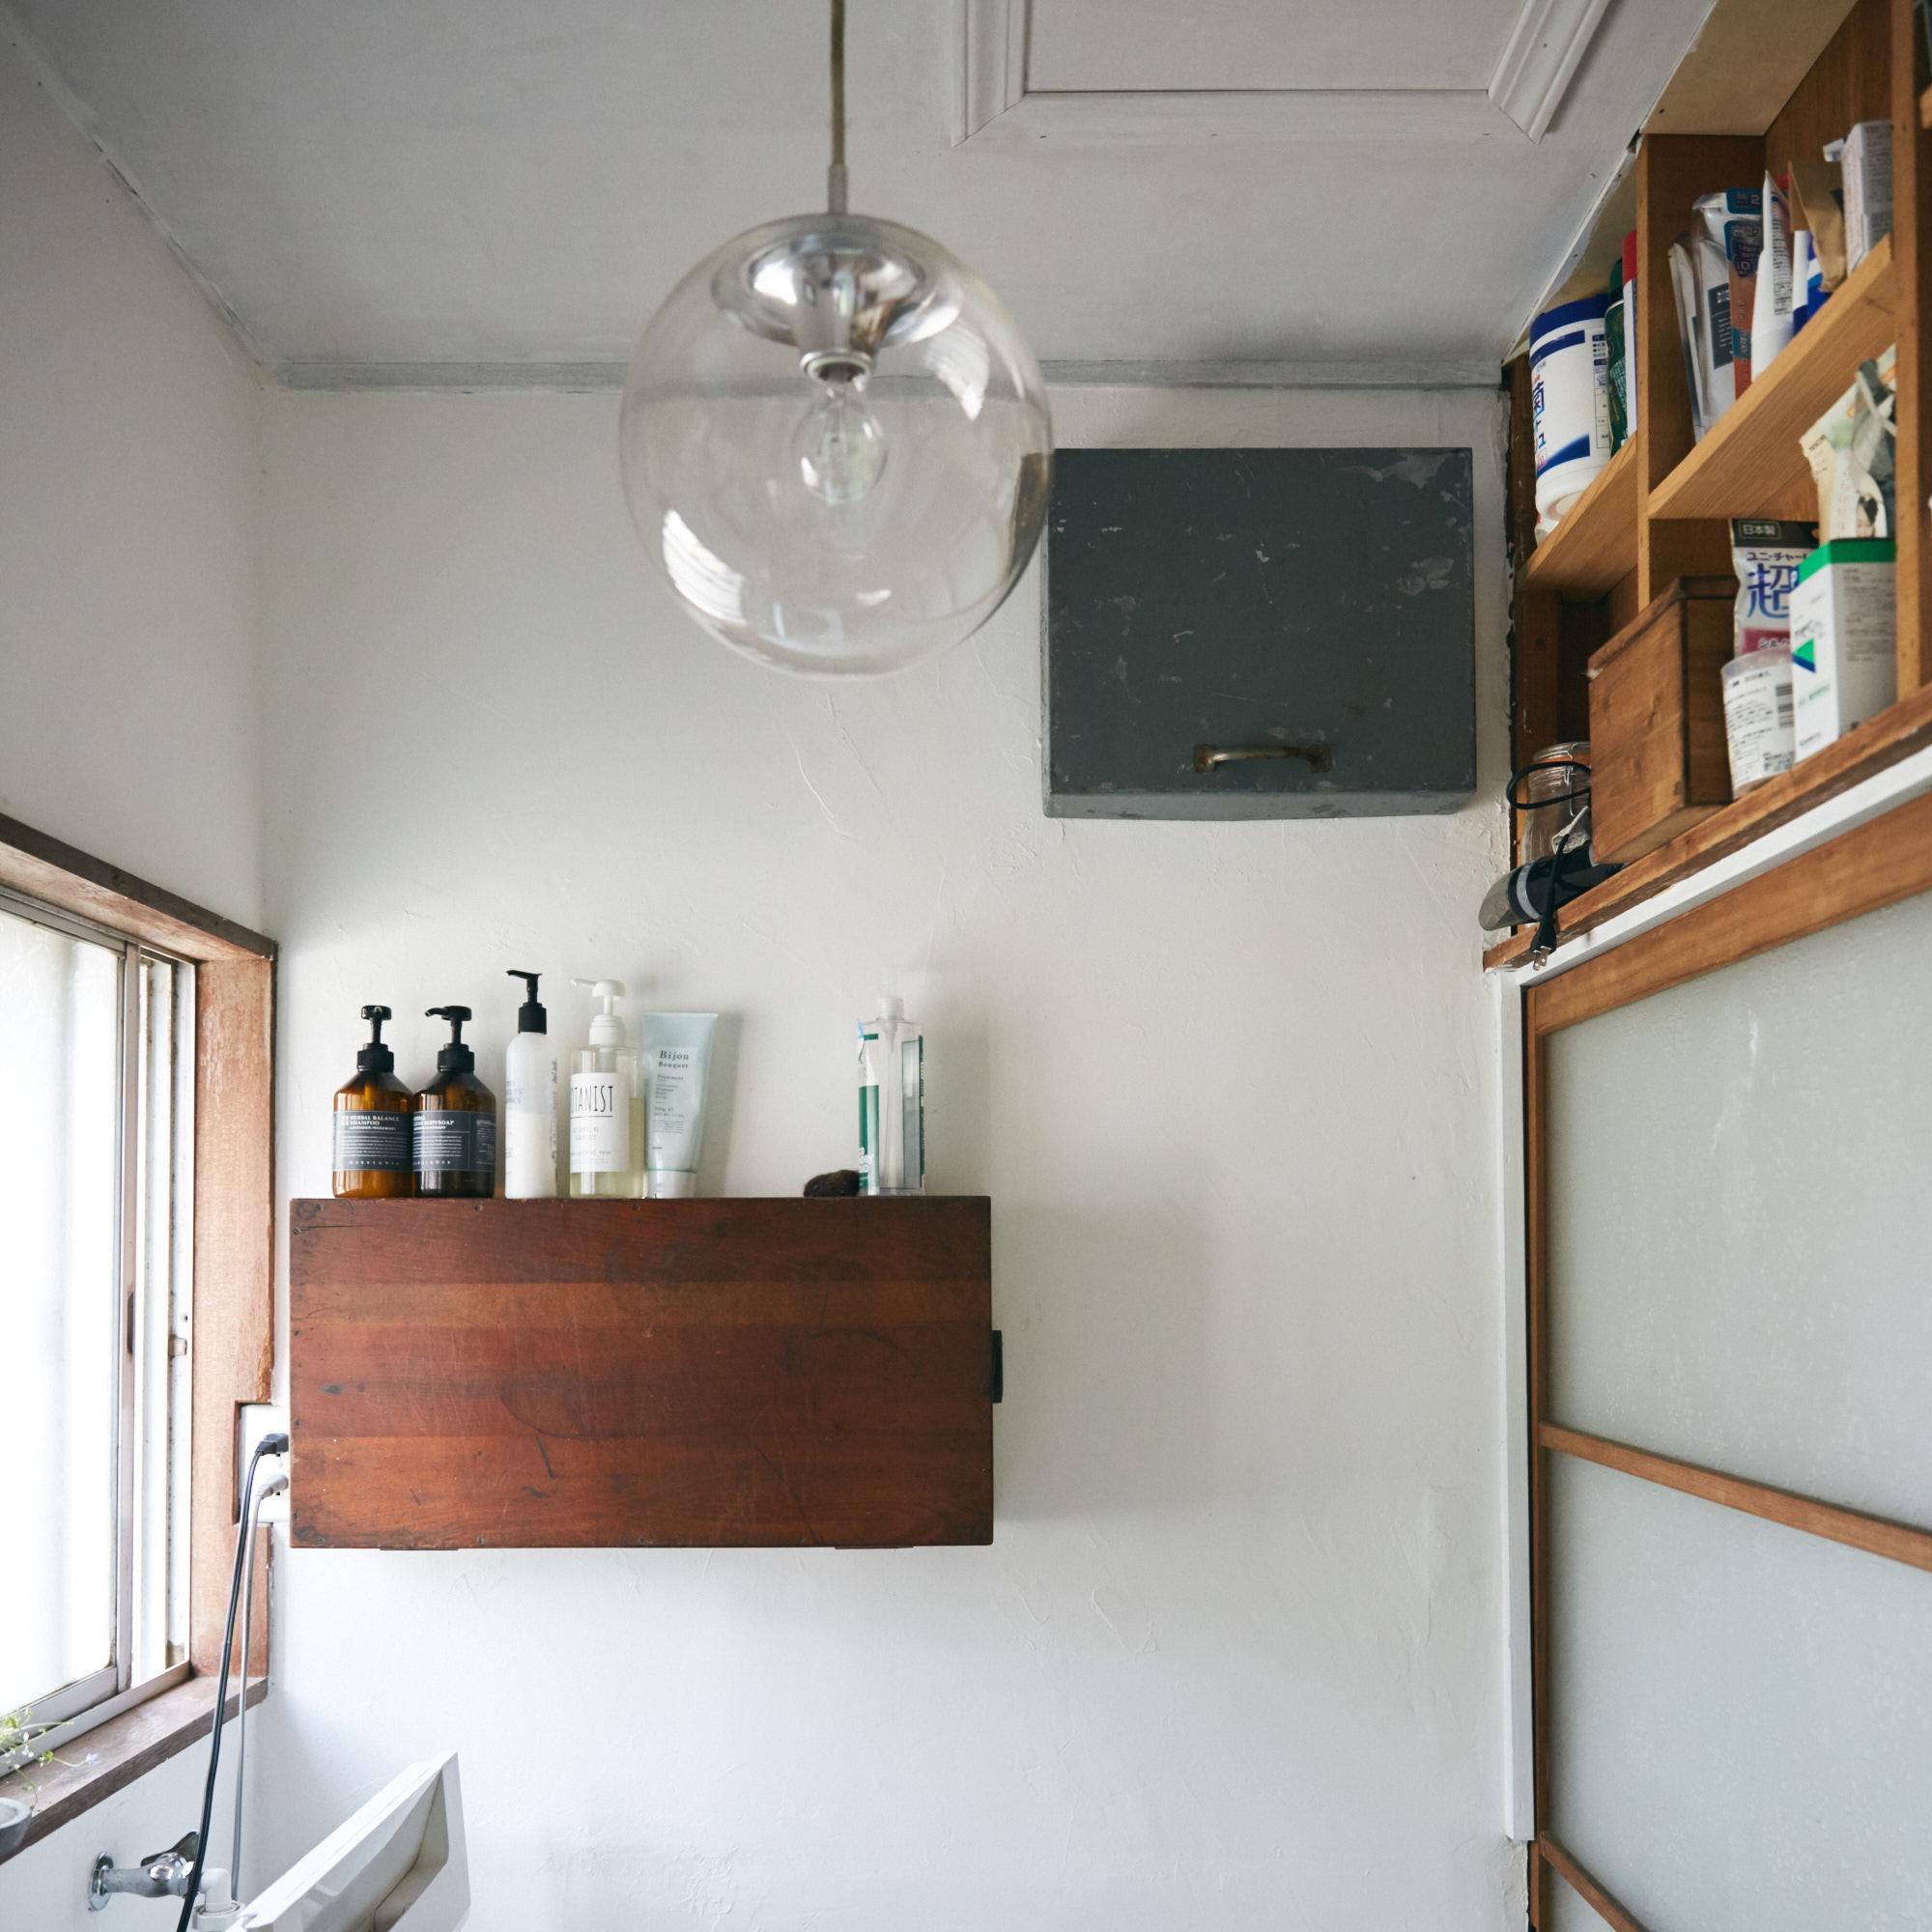 洗面所のおしゃれな収納方法